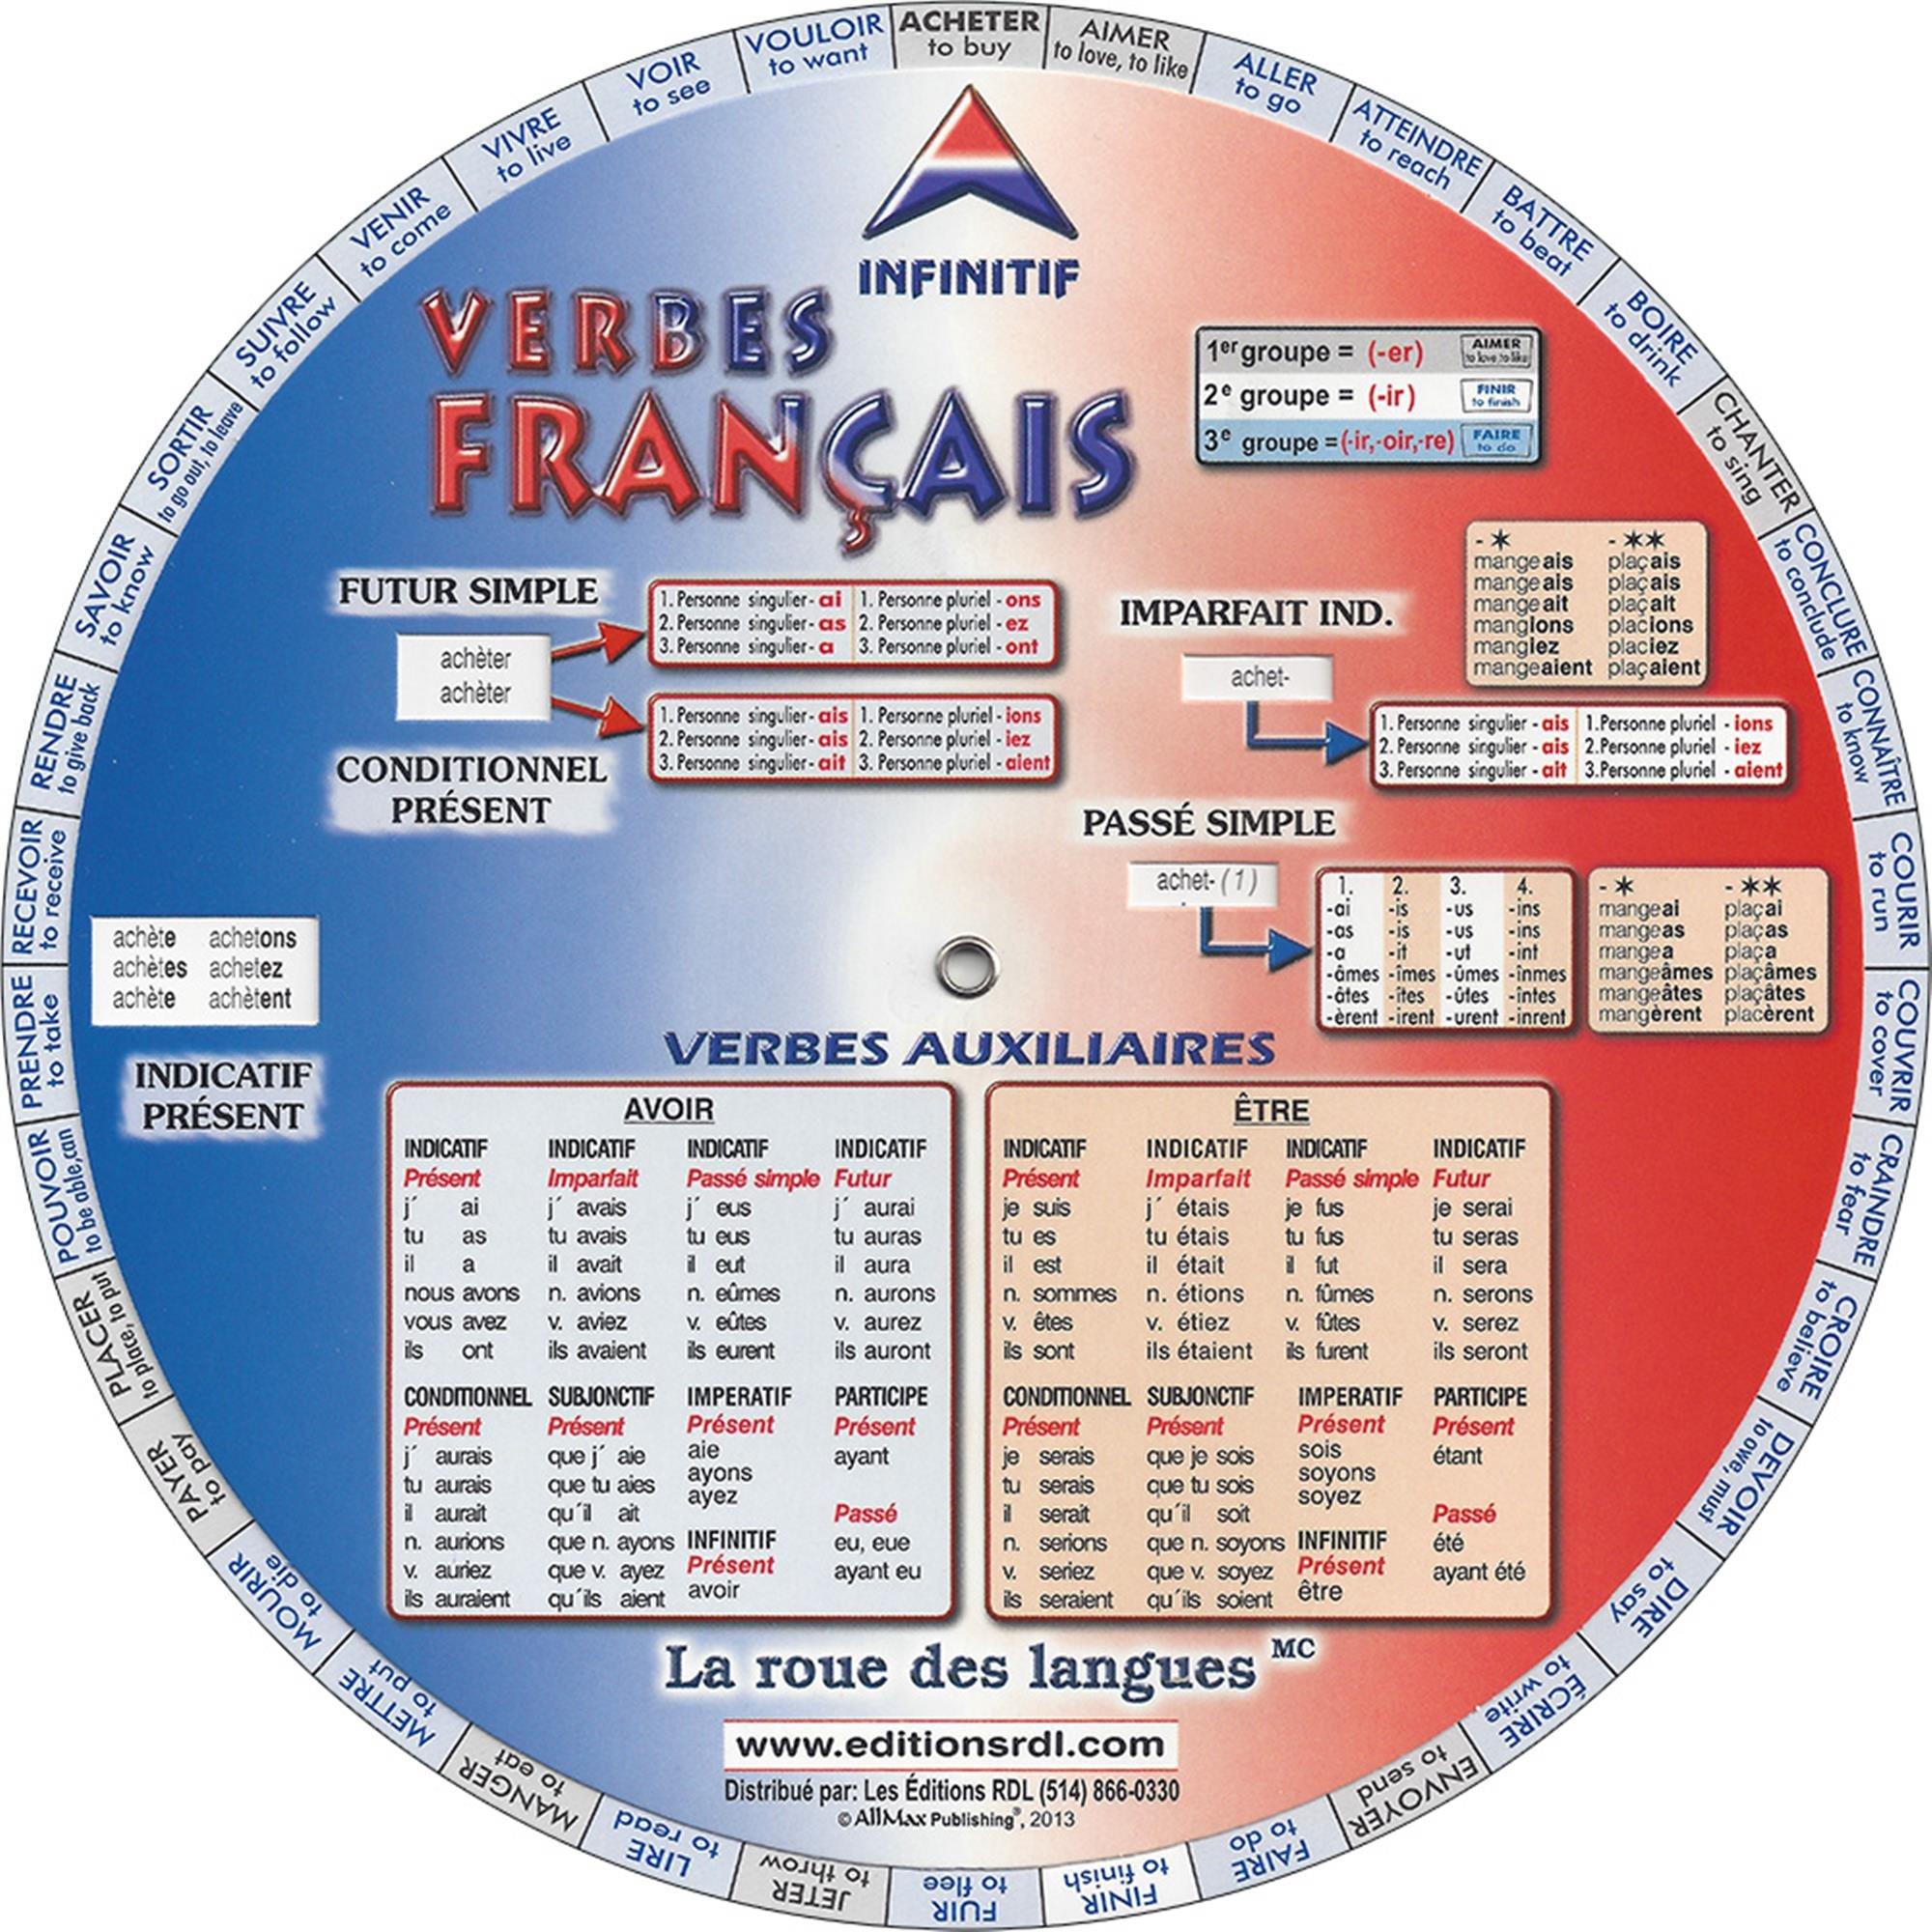 La Roue Des Verbes Francais Avec Traduction En Anglais Collectif 9780973648416 Books Amazon Ca